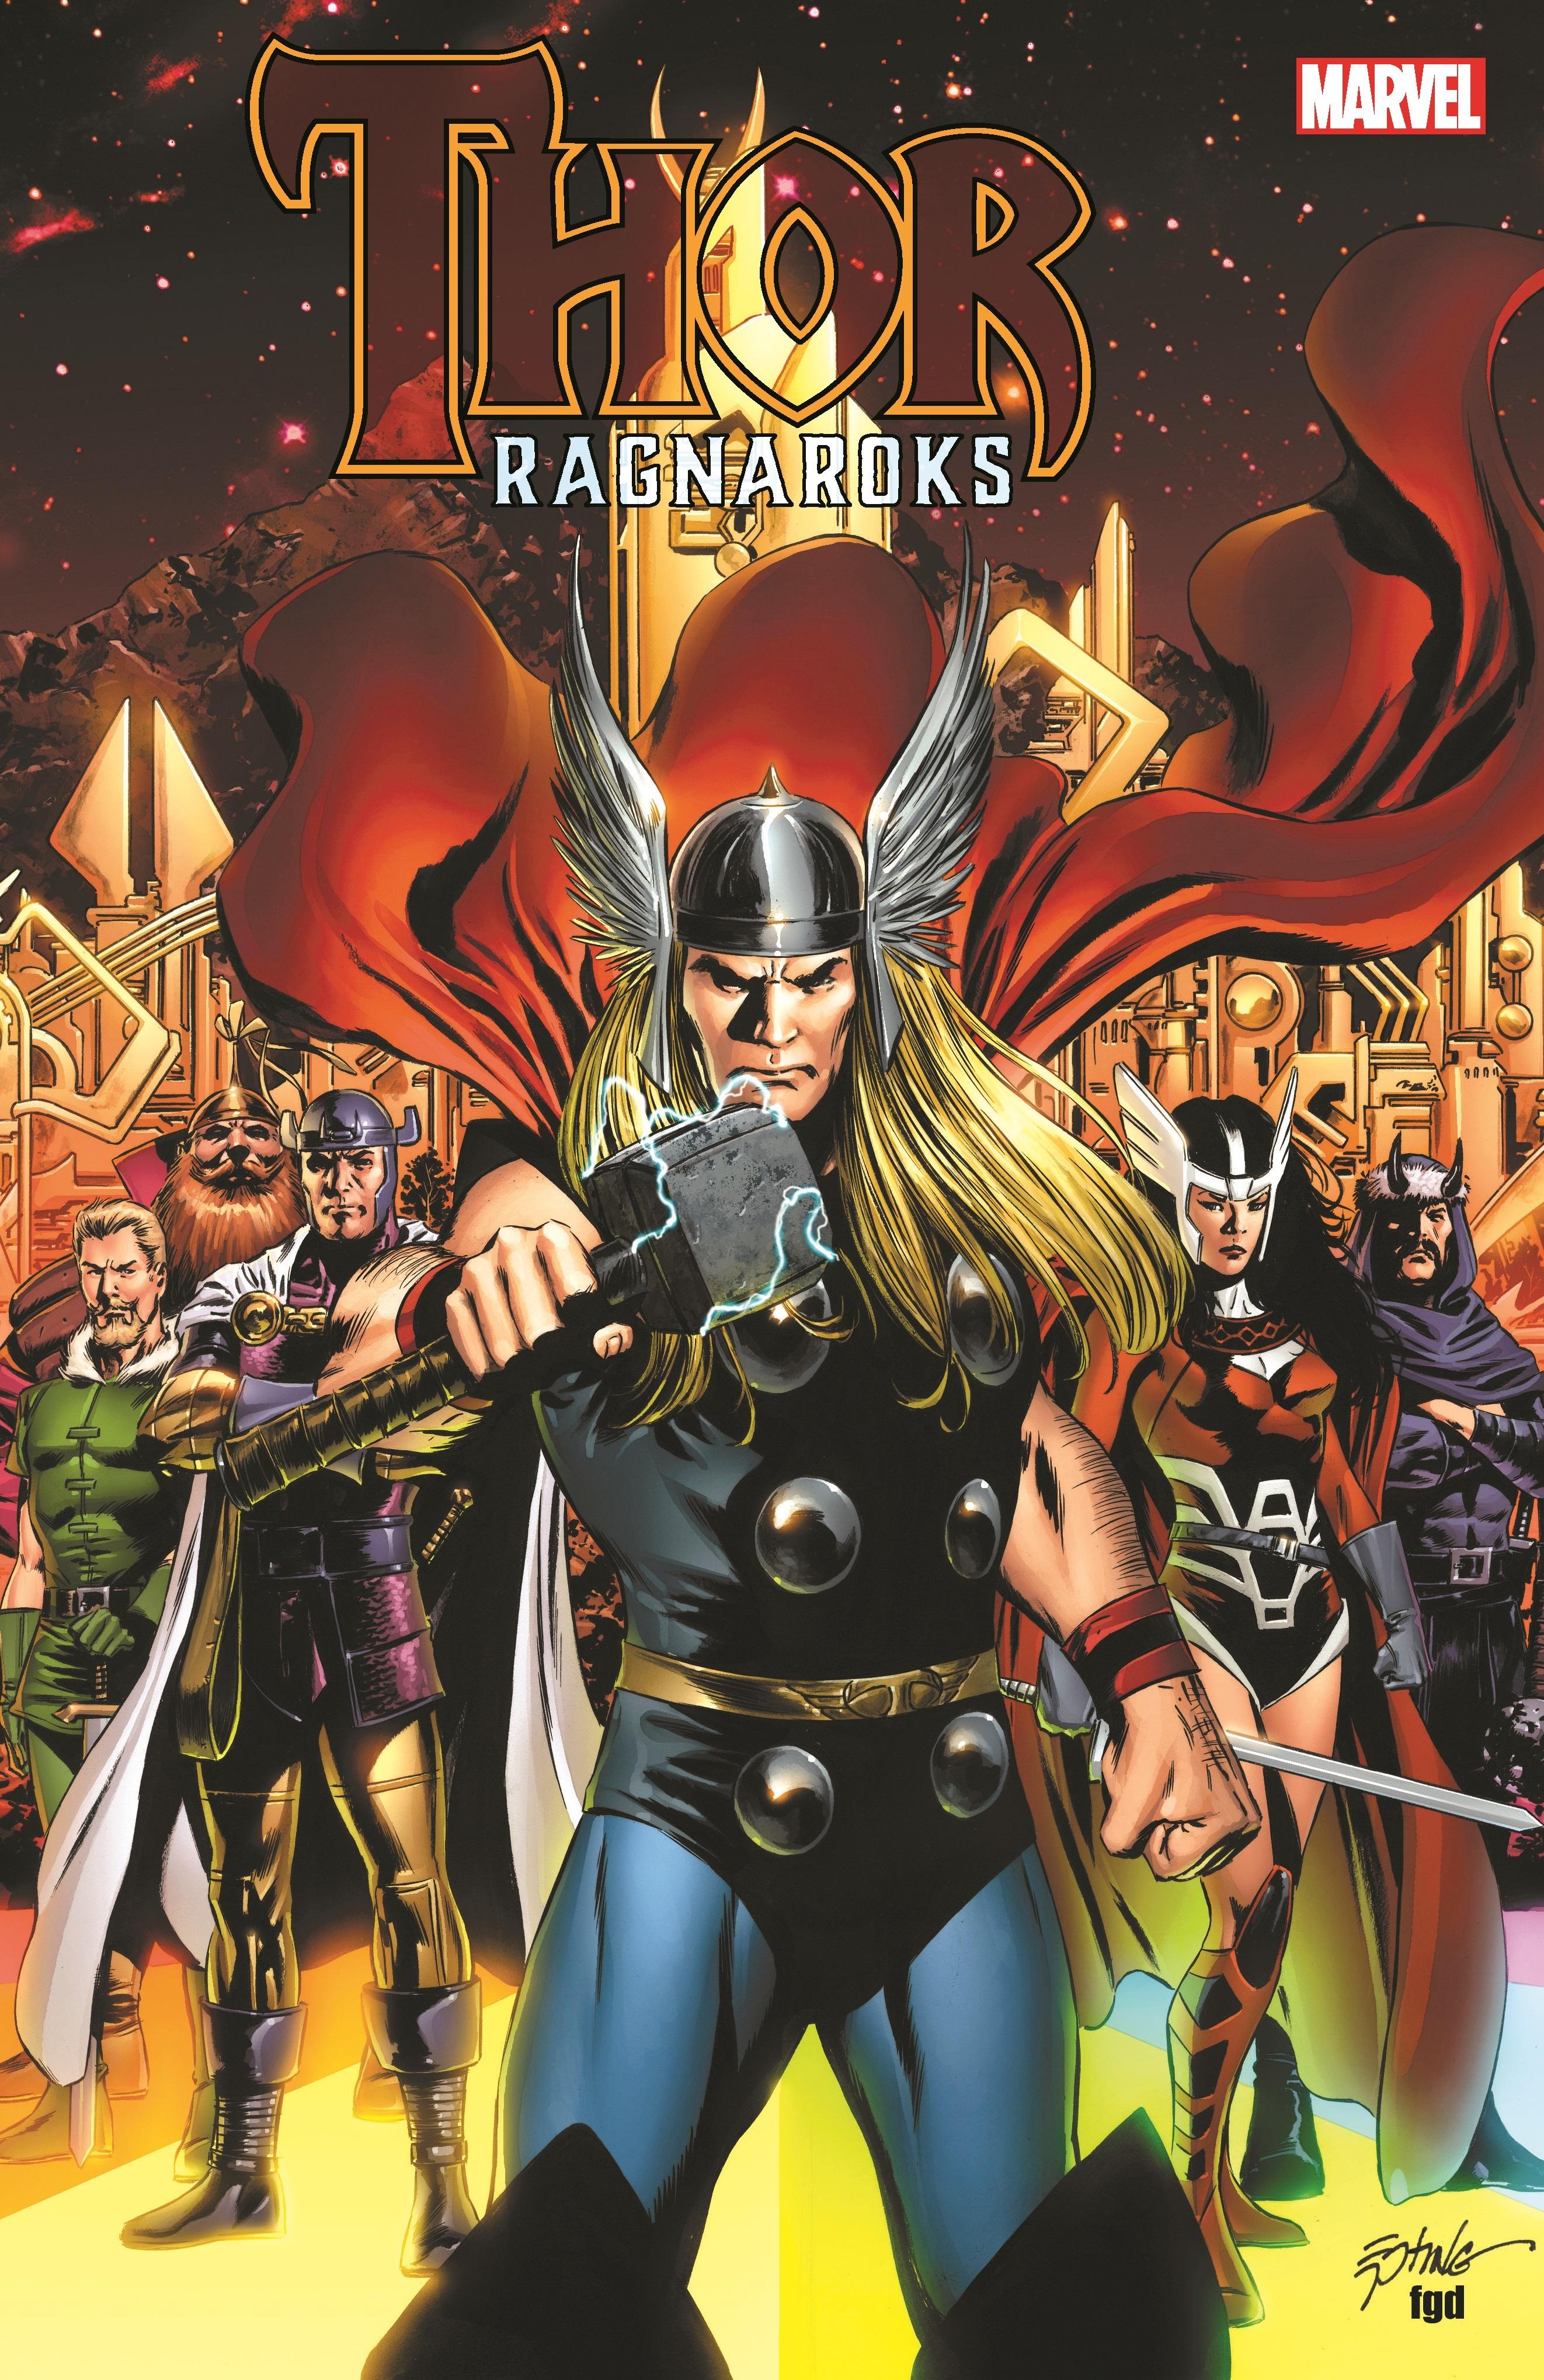 Thor: Ragnaroks (Trade Paperback)